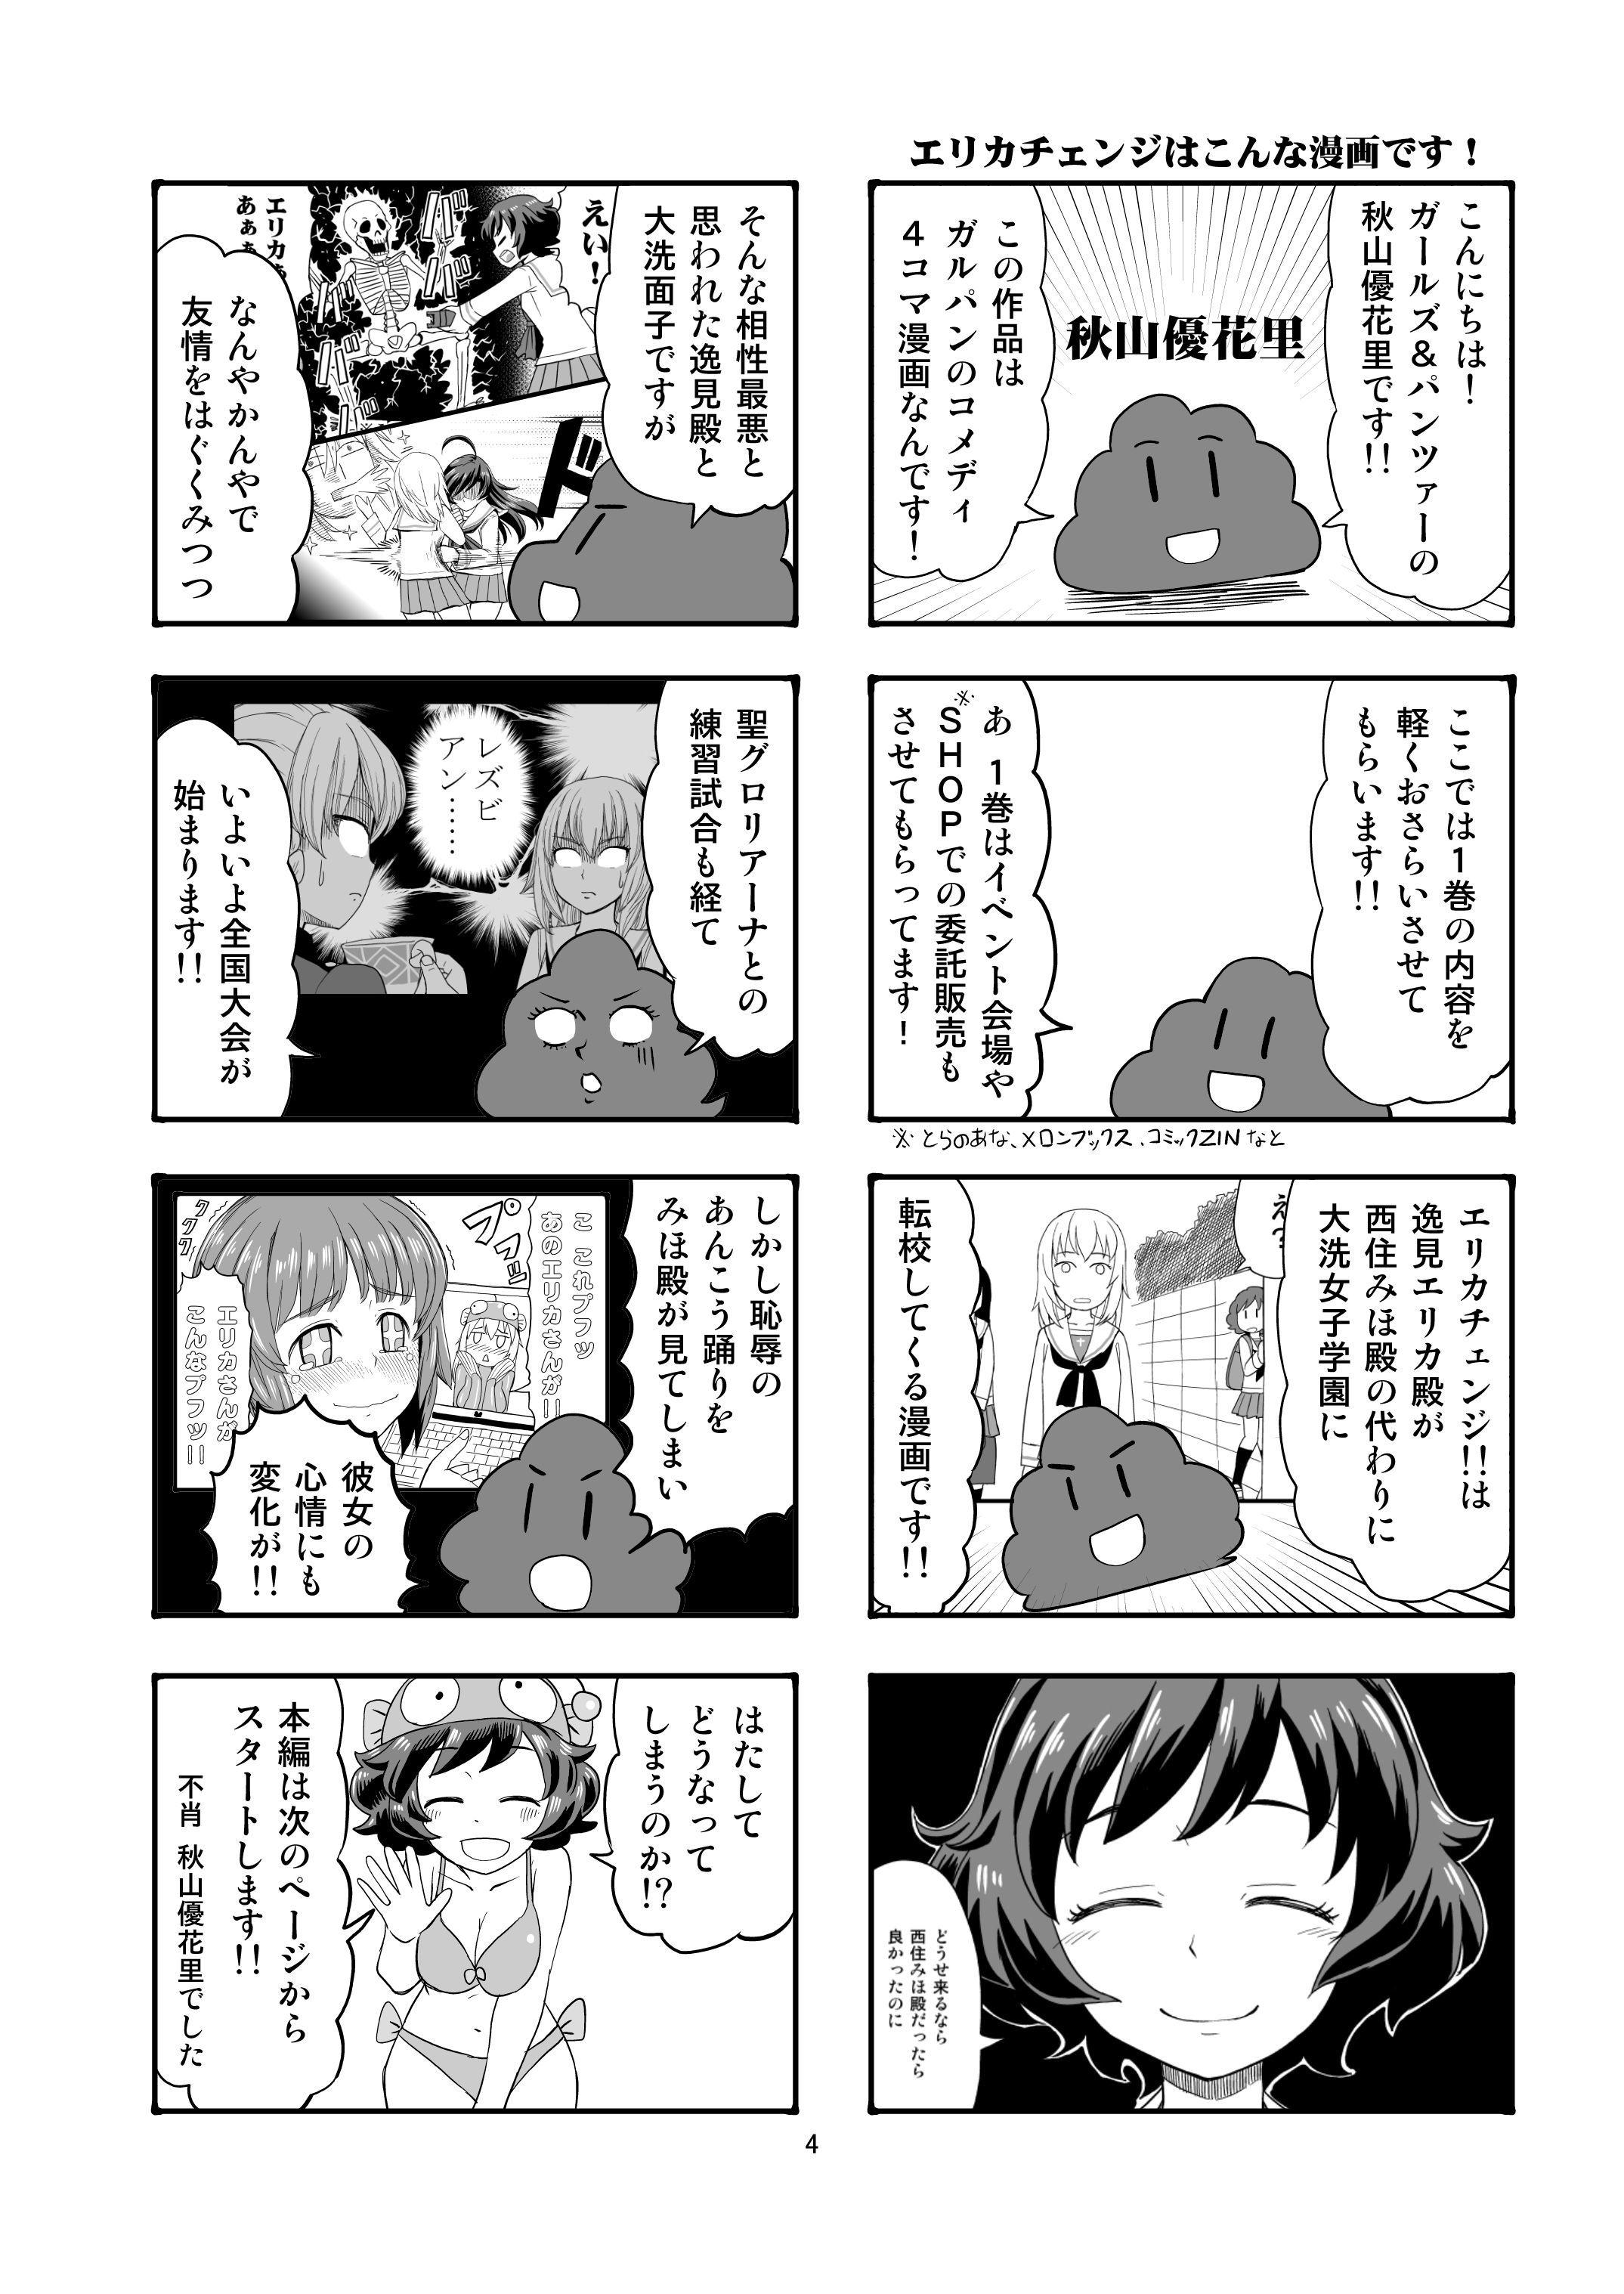 【エリカ 同人】エリカチェンジ!!2